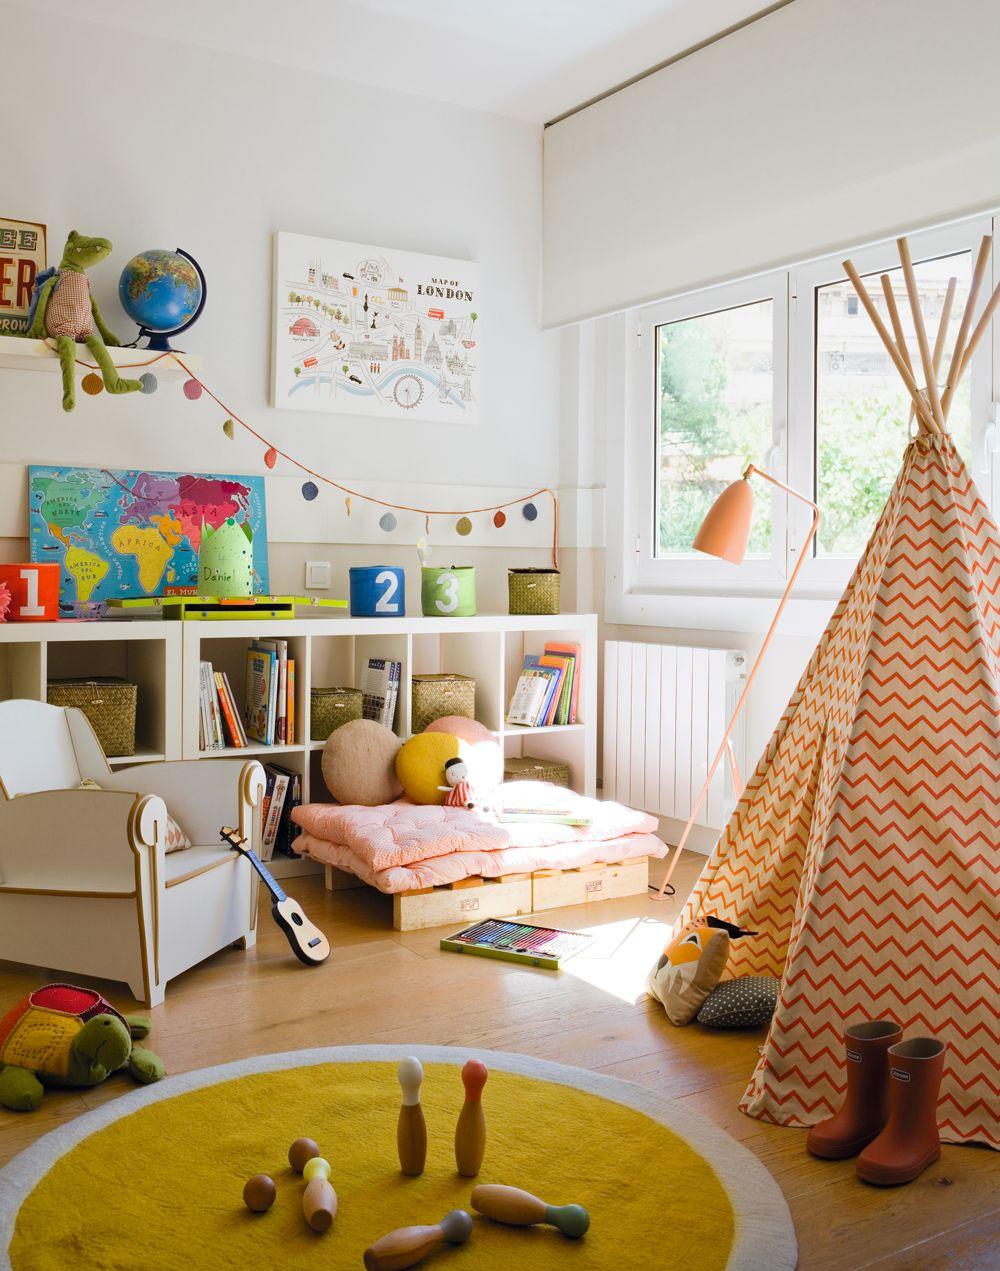 habitacin de juegos con tipi alfombra redonda estanteras bajas butaca y pal a - Estanterias Bajas